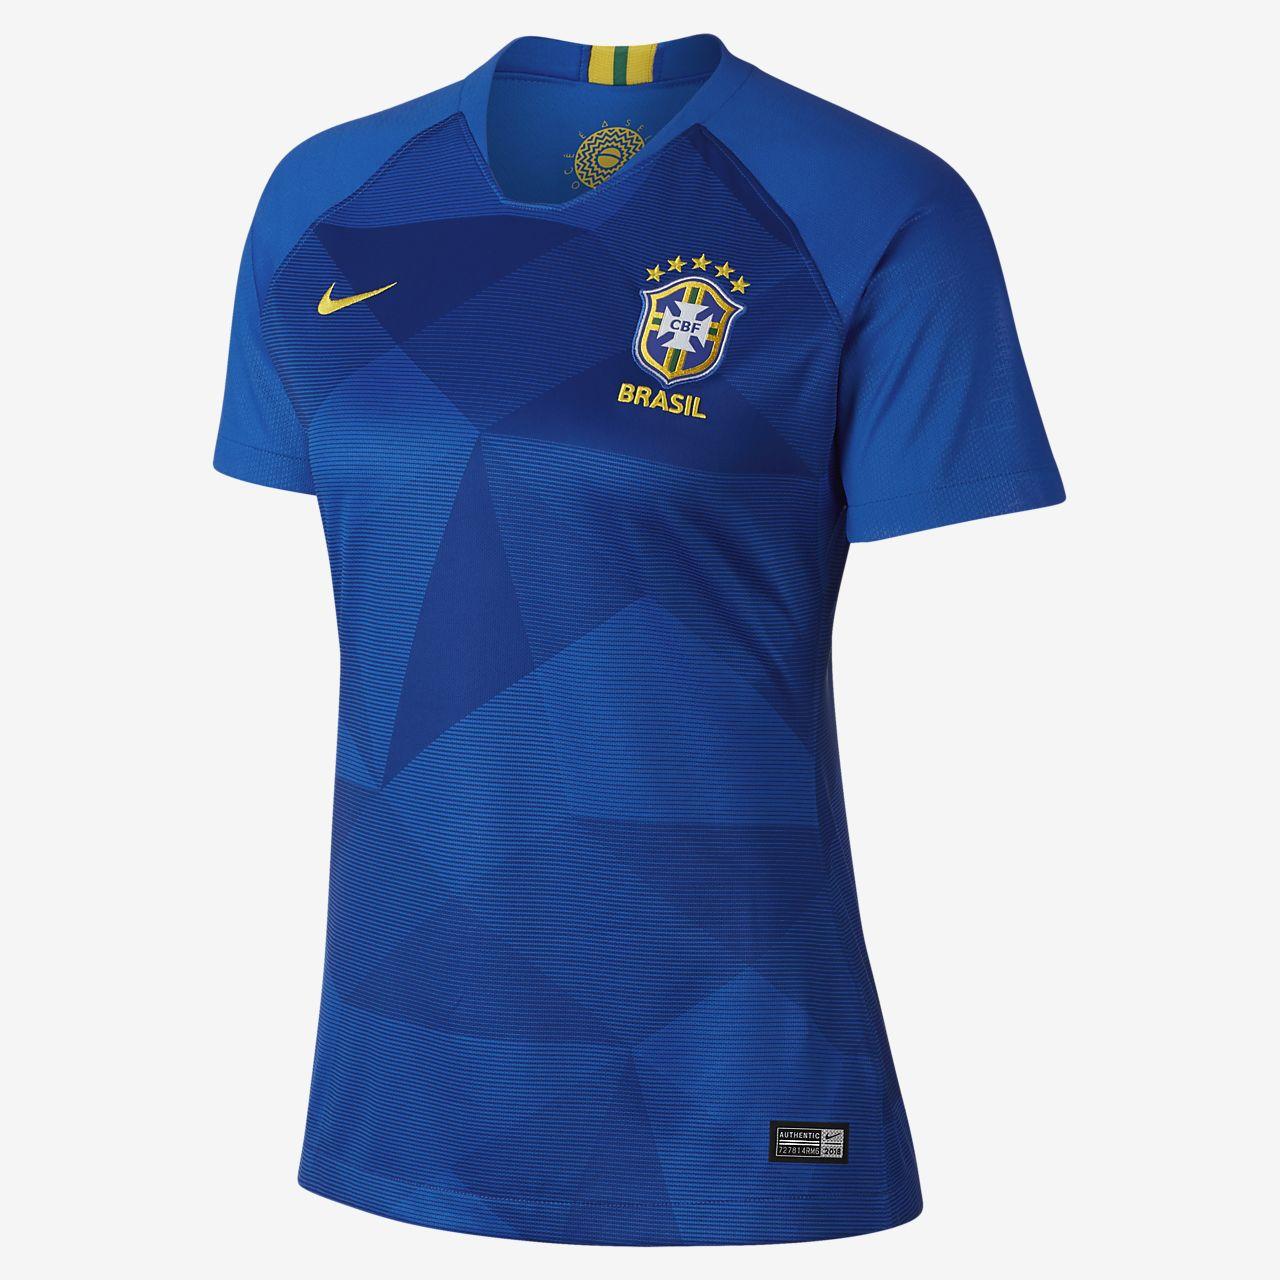 Nike Brazil Breathe Stadium Jersey - Women's Soccer - Soar/Midwest Gold